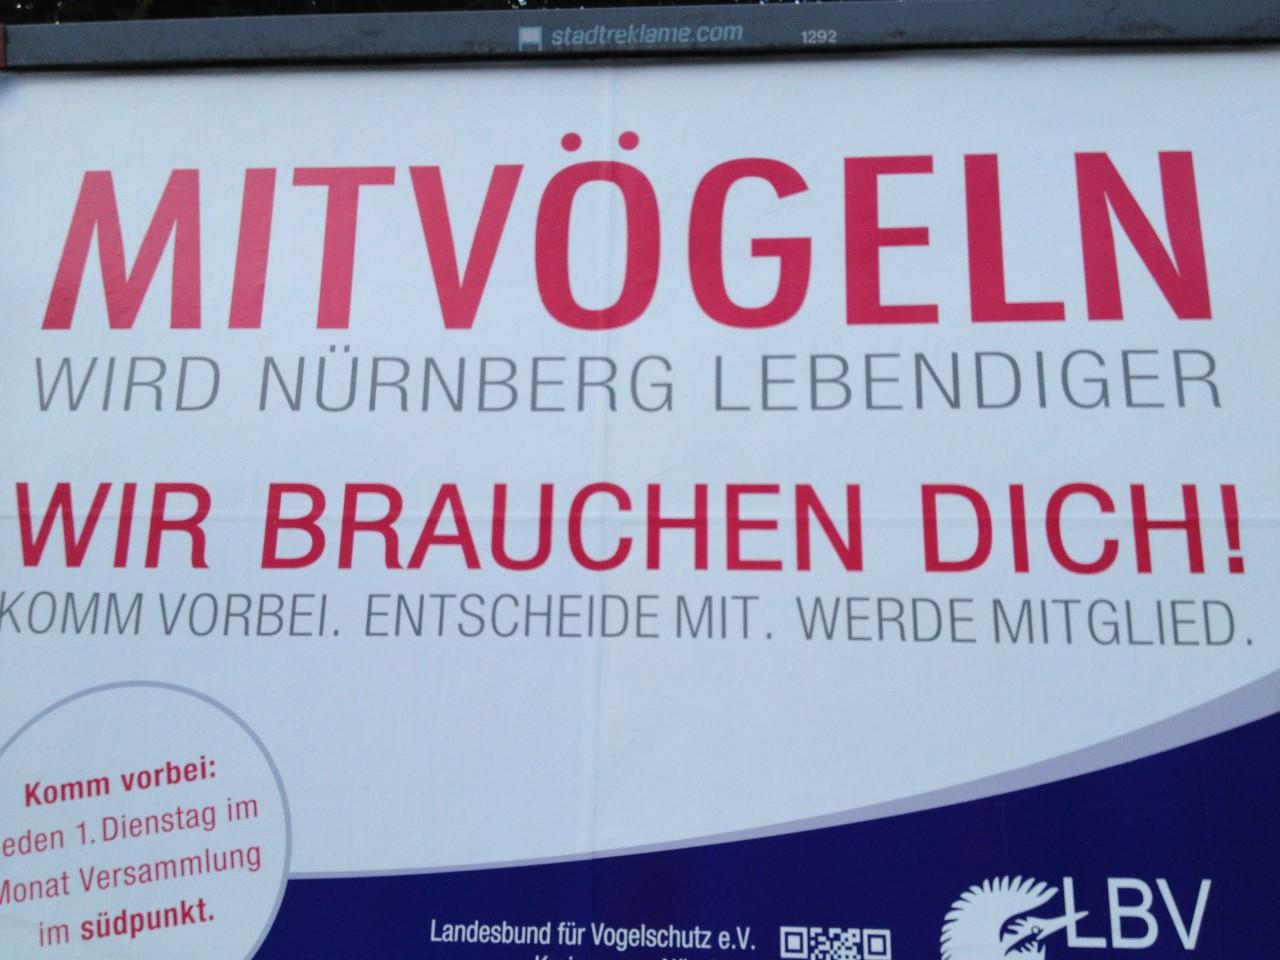 Mitvögeln wird Nürnberg lebendiger -Plakate in der Schnieglinger Str. Nürnberg